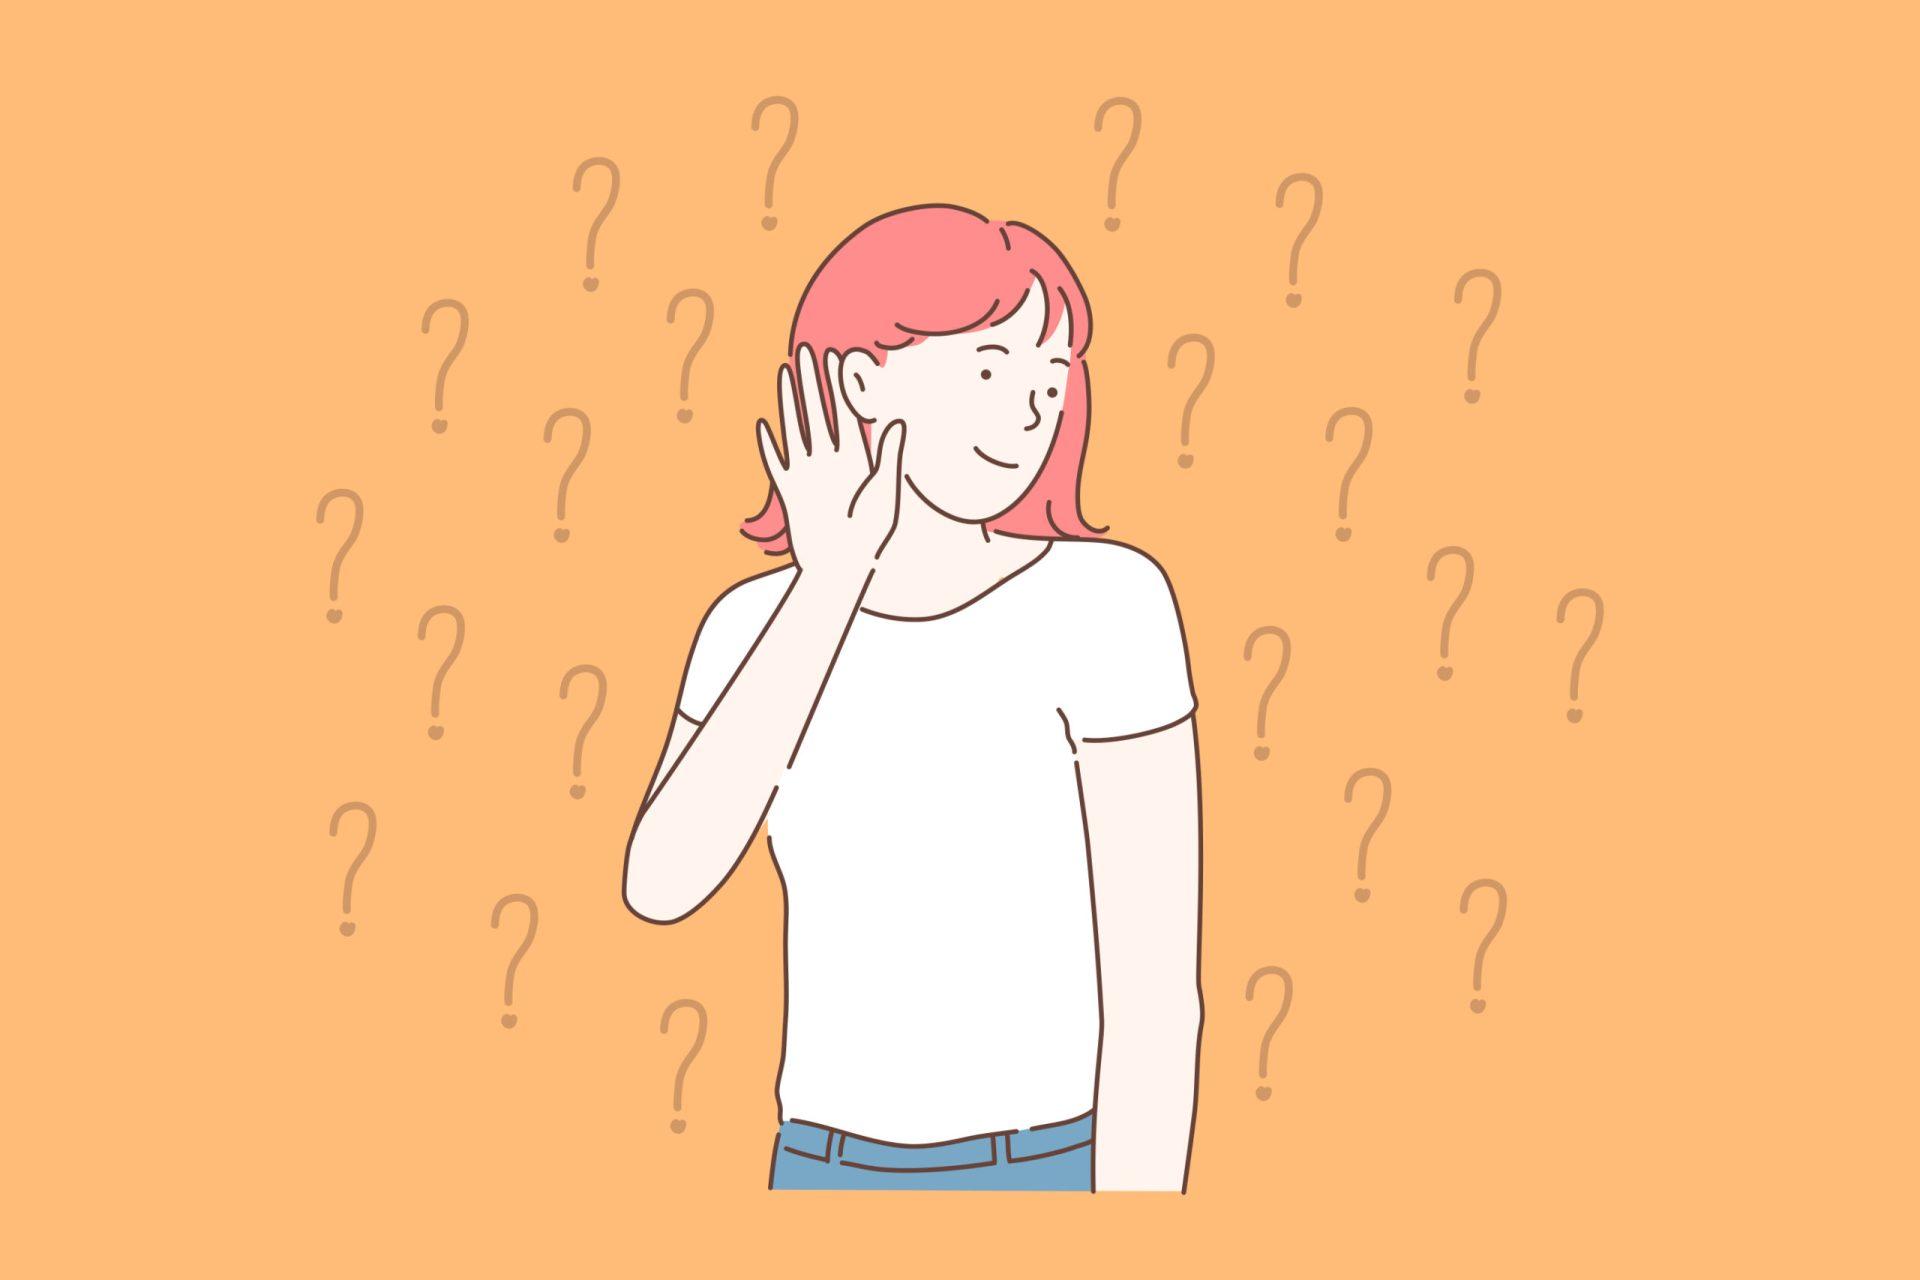 Dacă problema pierderii auzului la frecvente înalte este tratată rapid, auzul se poate recupera complet sau partial. În caz contrar, e nevoie de protezare auditivă.